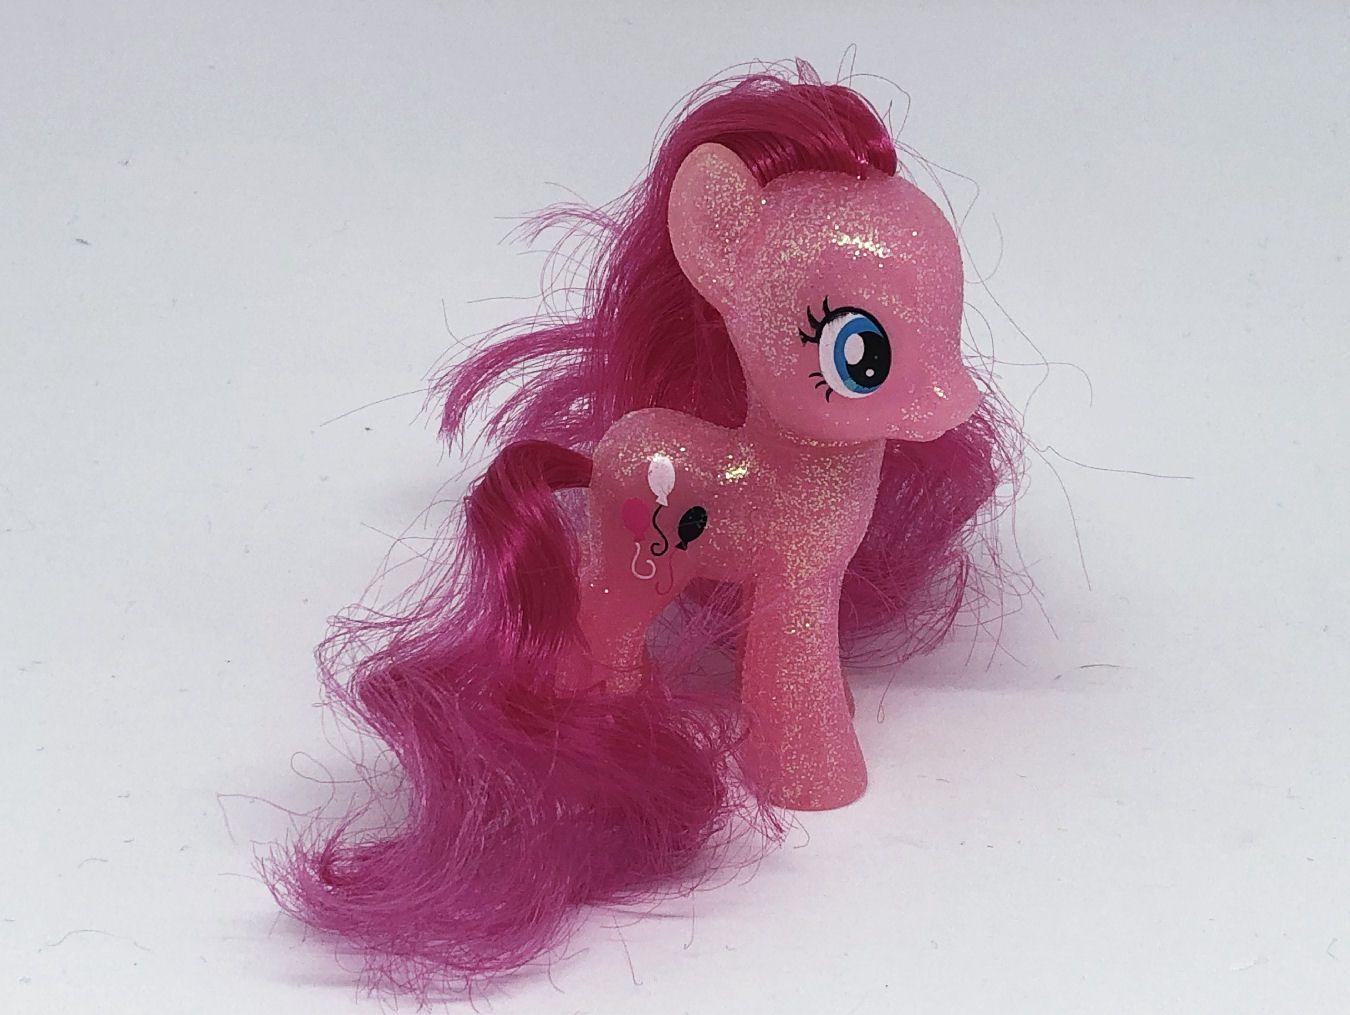 Pinkie Pie (Pinkie Pie's Boutique Sparkle)